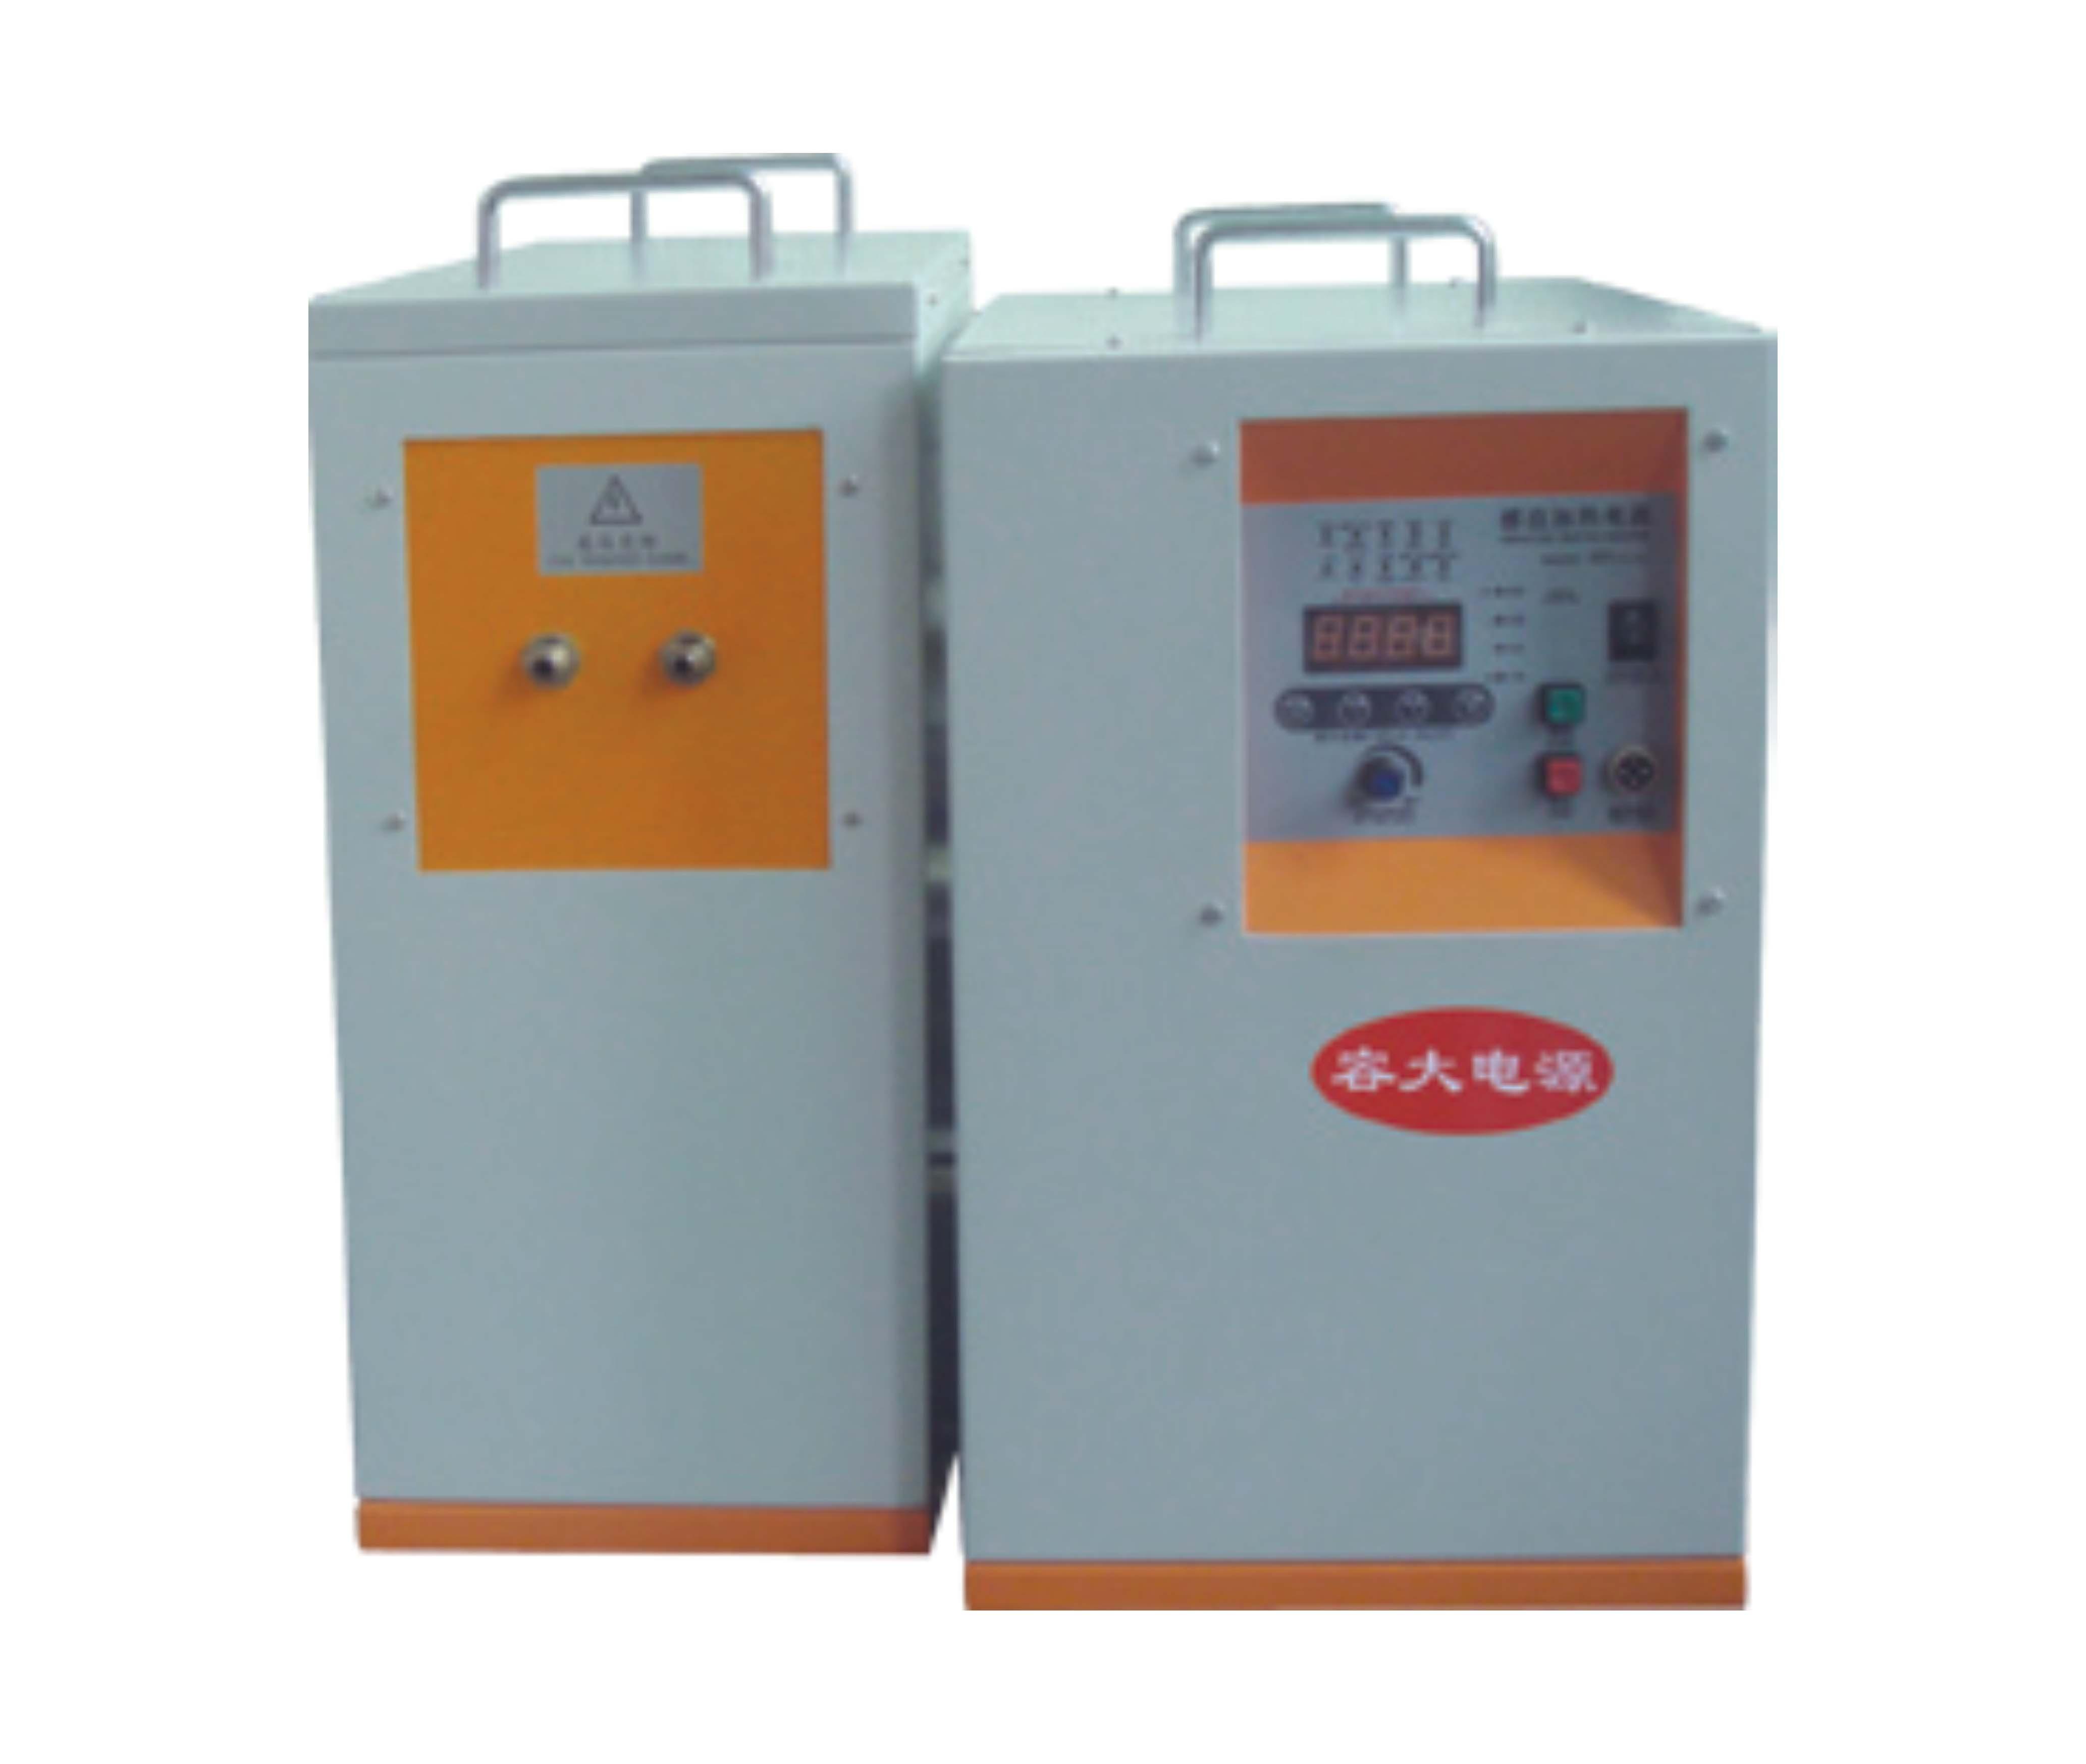 感应加热设备常见的2种冷却方式